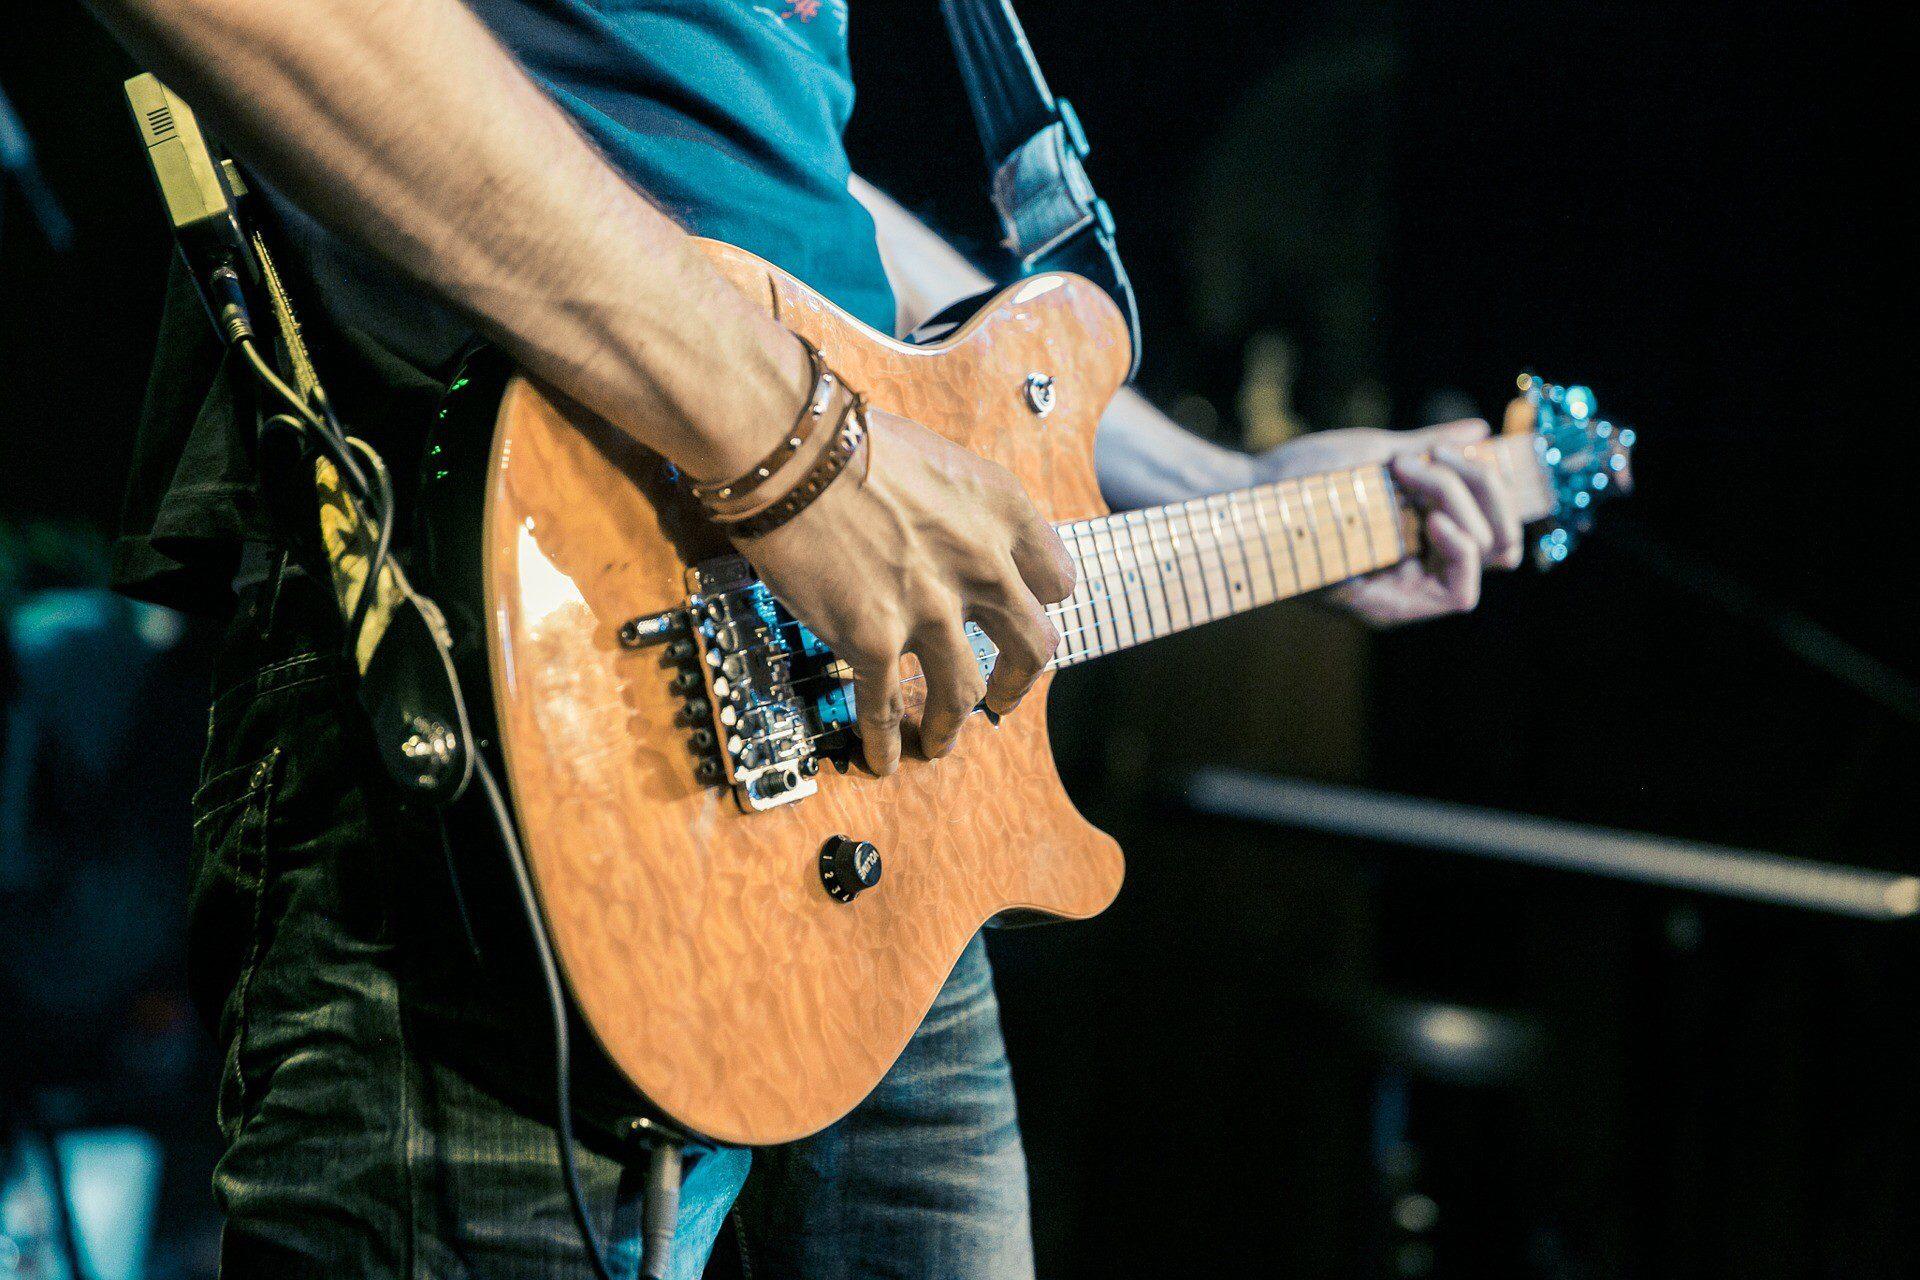 תמונה של מישהו מנגן על גיטרה